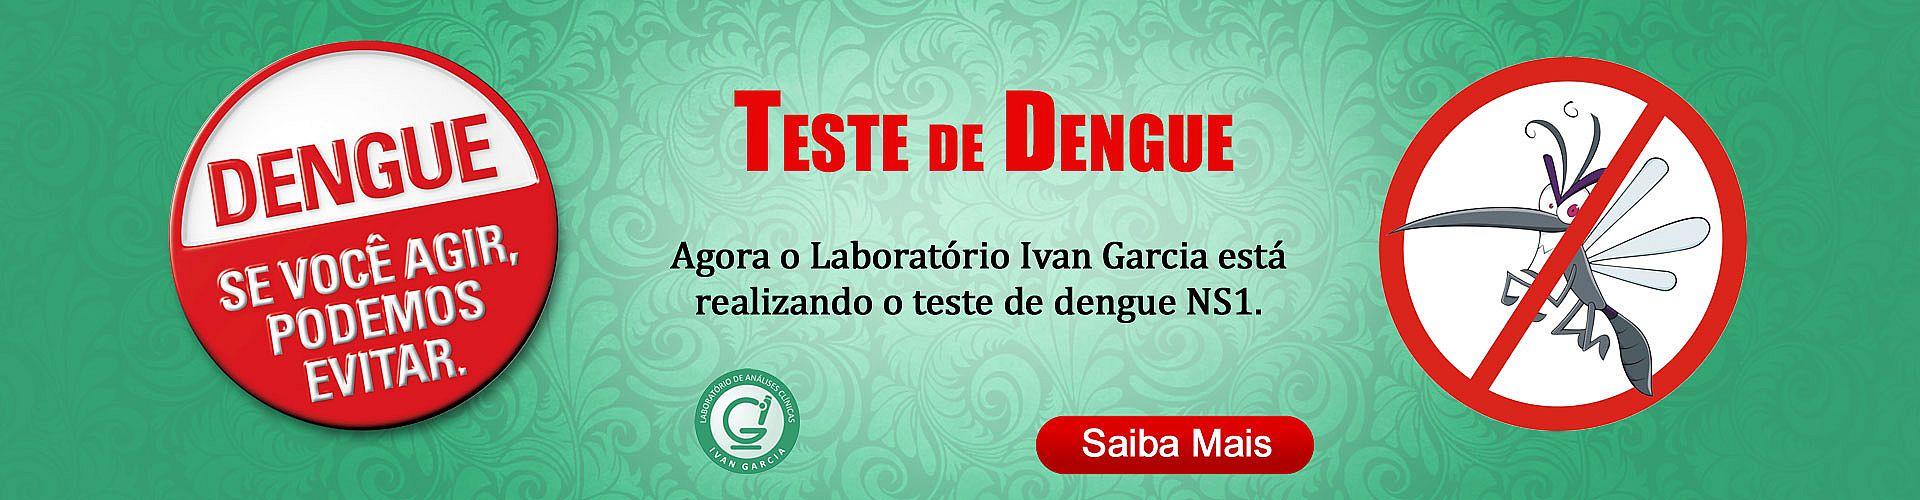 Teste de Dengue NS1 no Laboratório Ivan Garcia